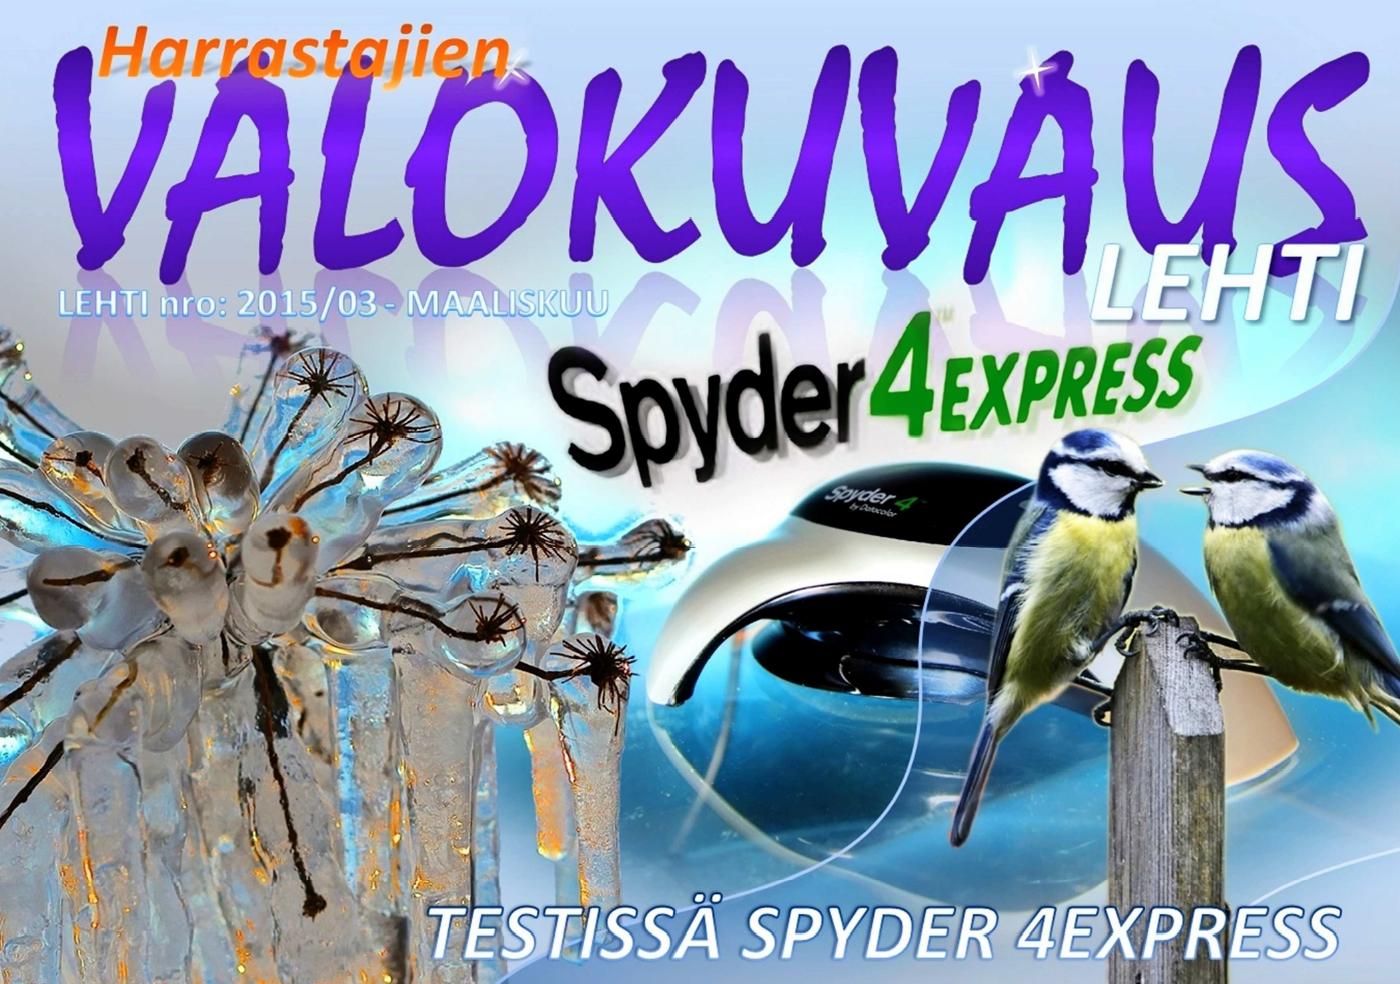 VALOKUVAUS-LEHTI 2015/03